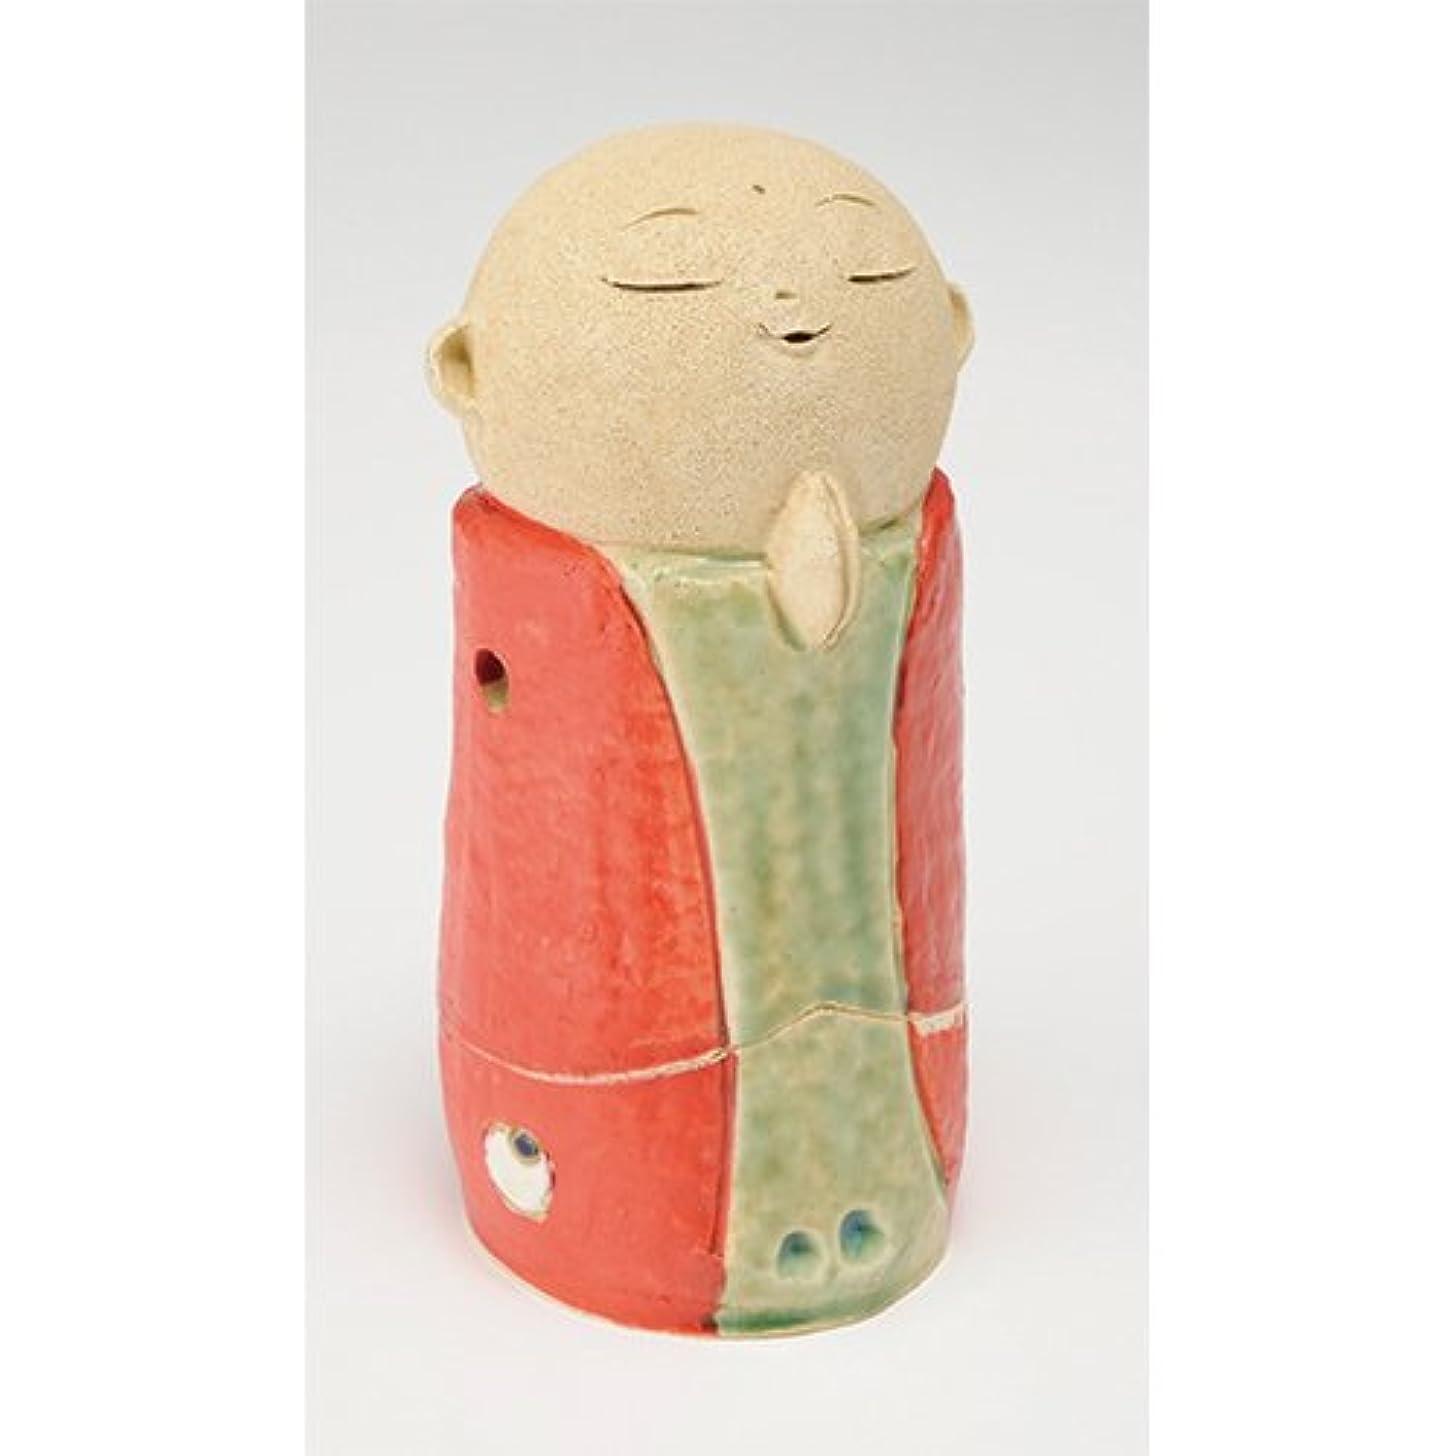 シガレット最適お地蔵様 香炉シリーズ 赤 お地蔵様 香炉 5.3寸(大) [H16cm] HANDMADE プレゼント ギフト 和食器 かわいい インテリア